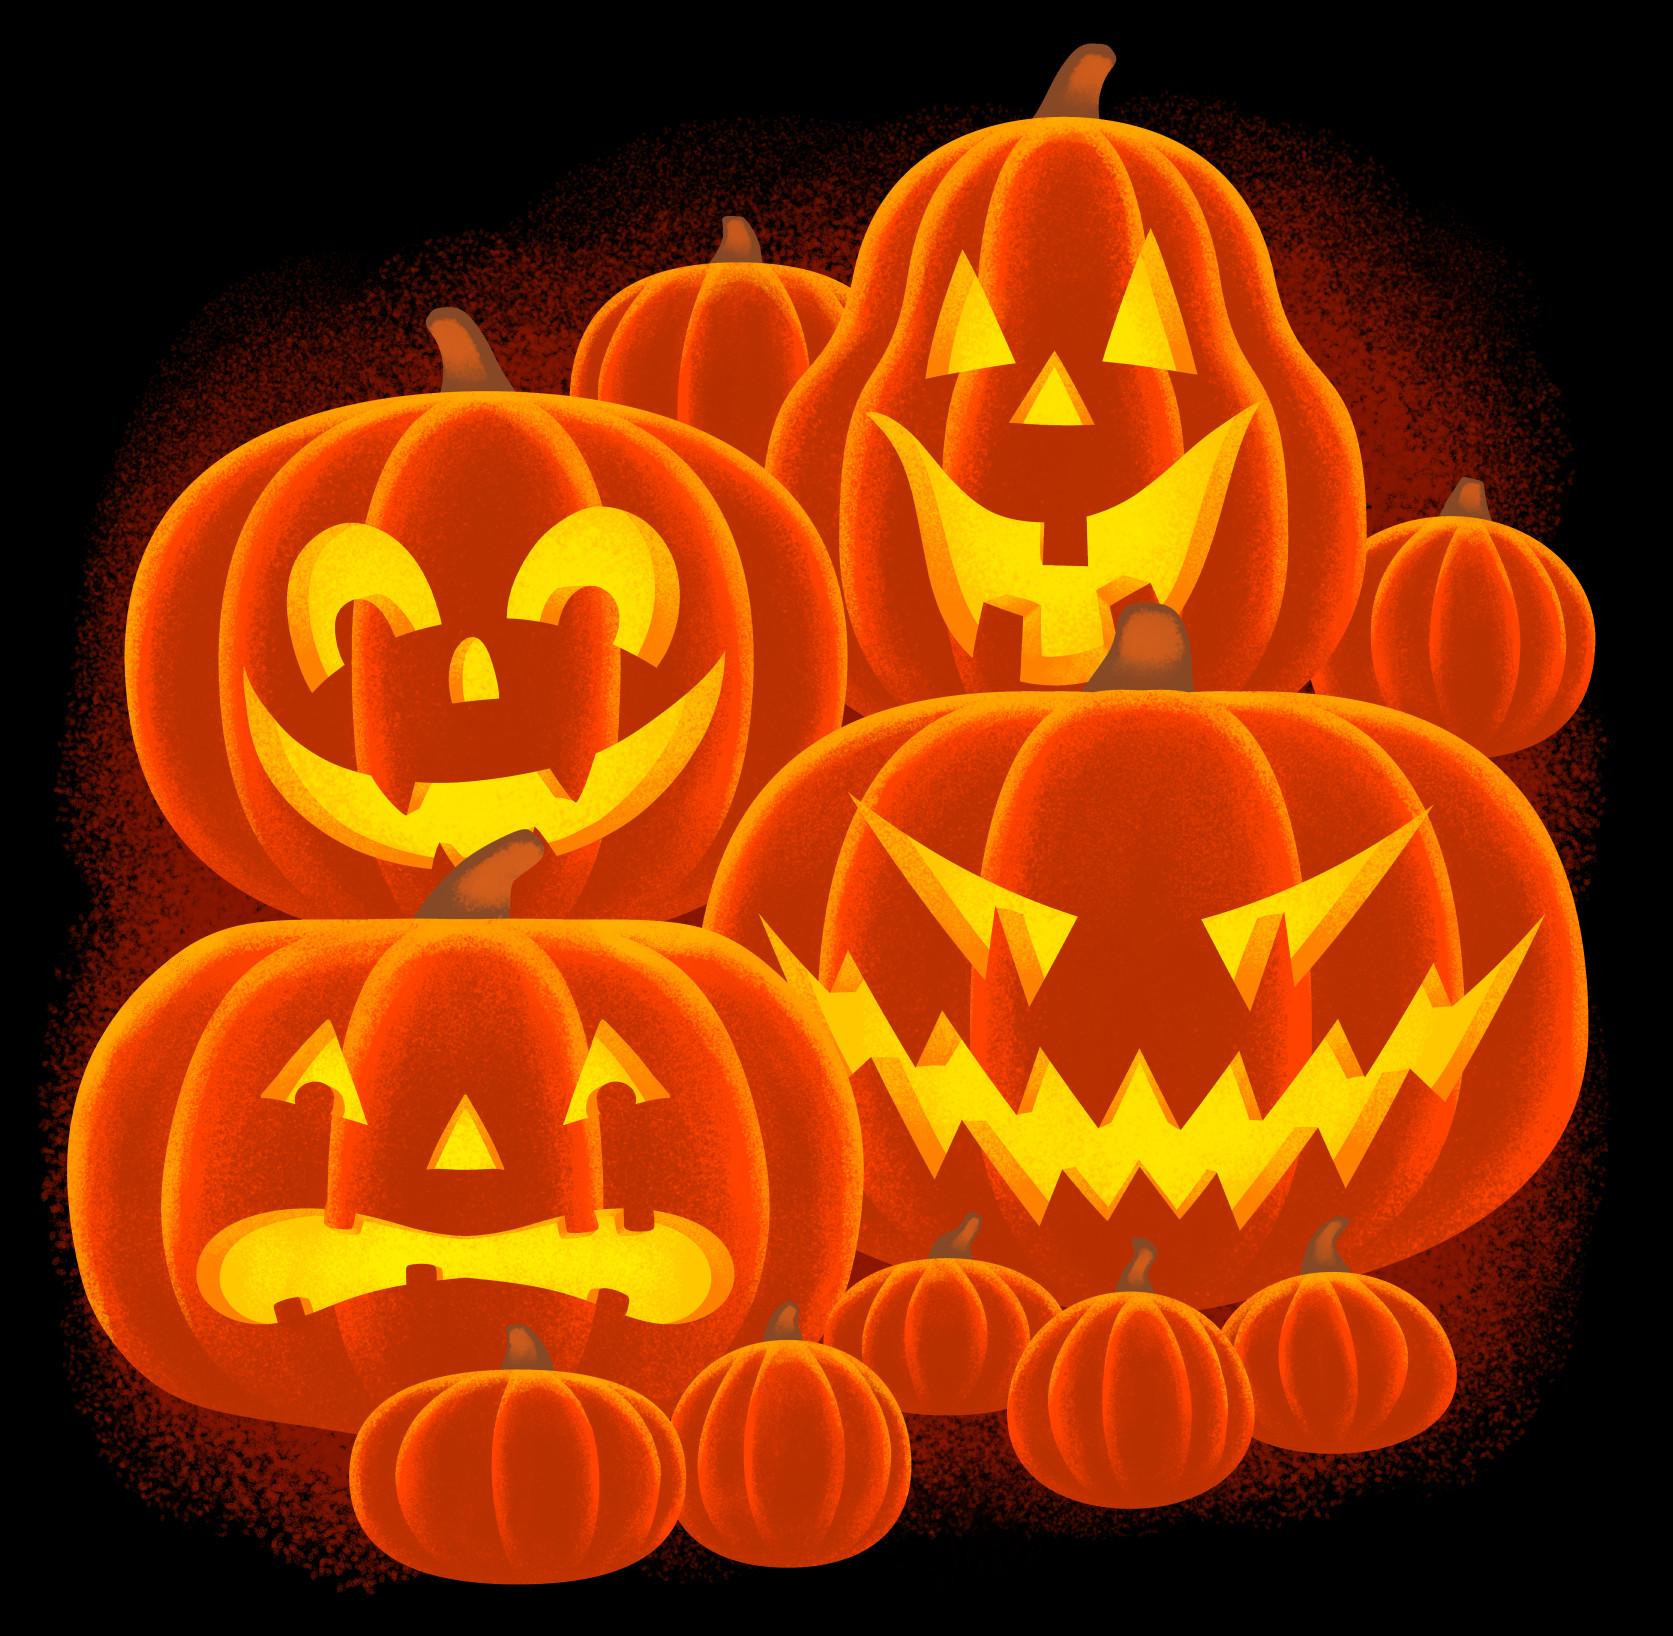 Tom martin buncha pumpkins